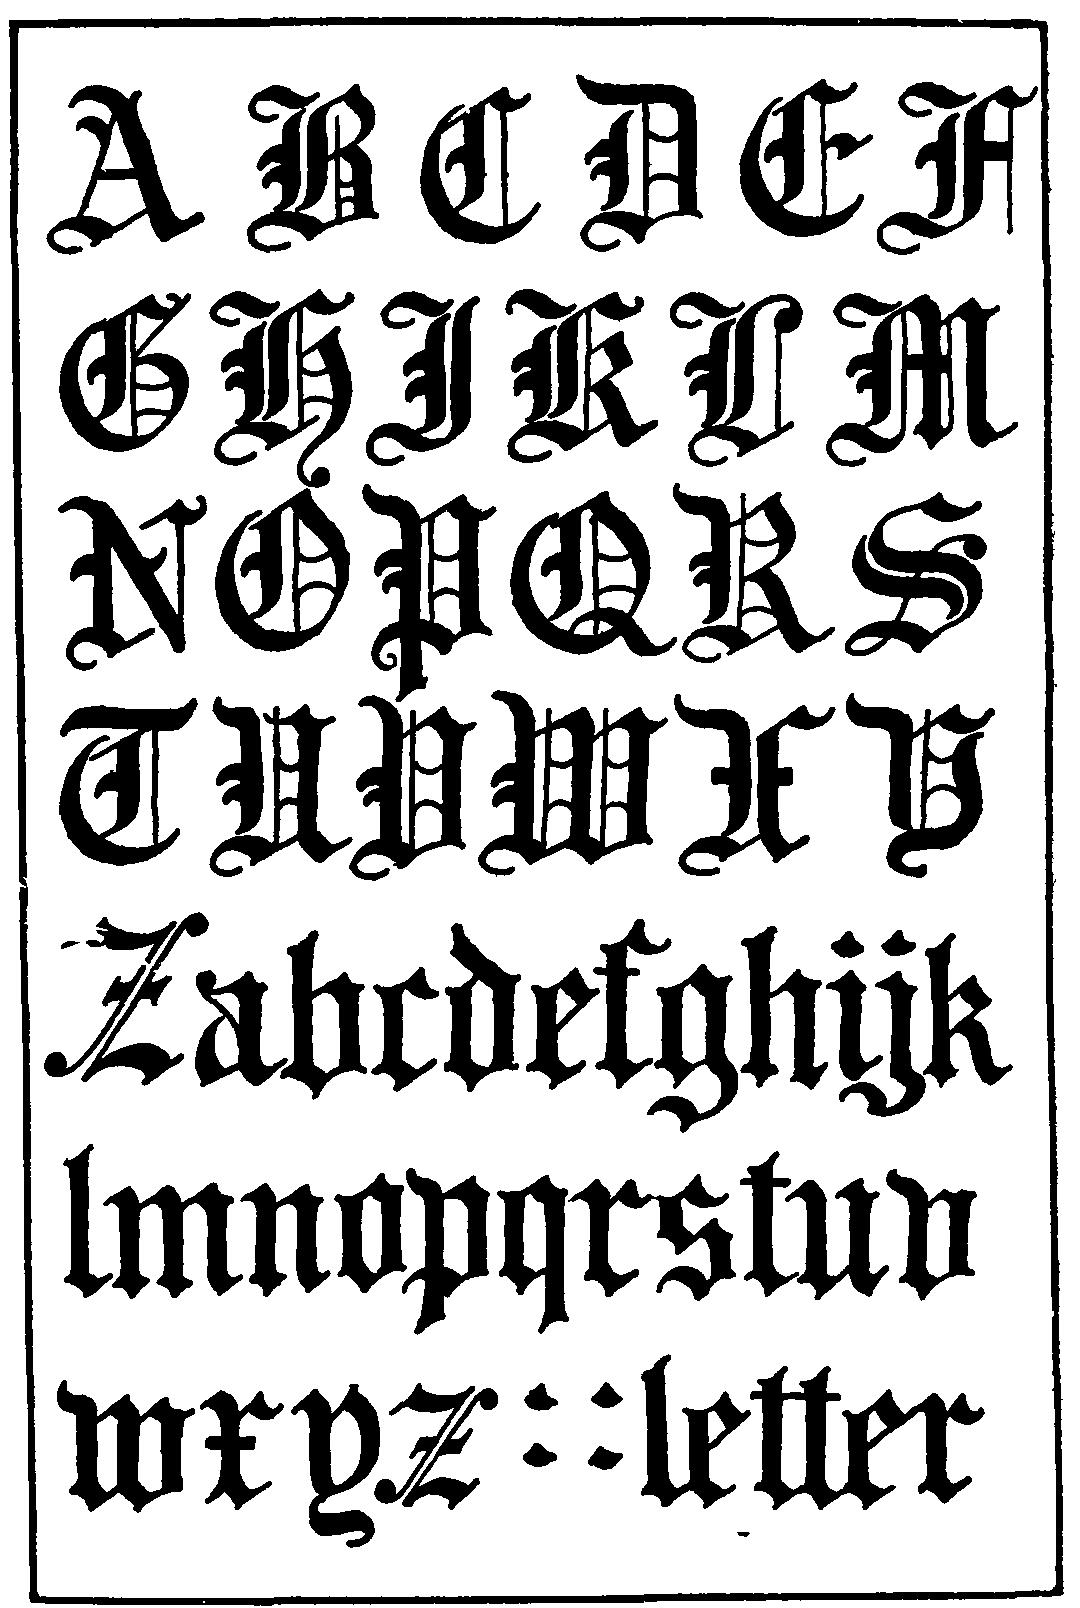 7 Gothic Cursive Font Images